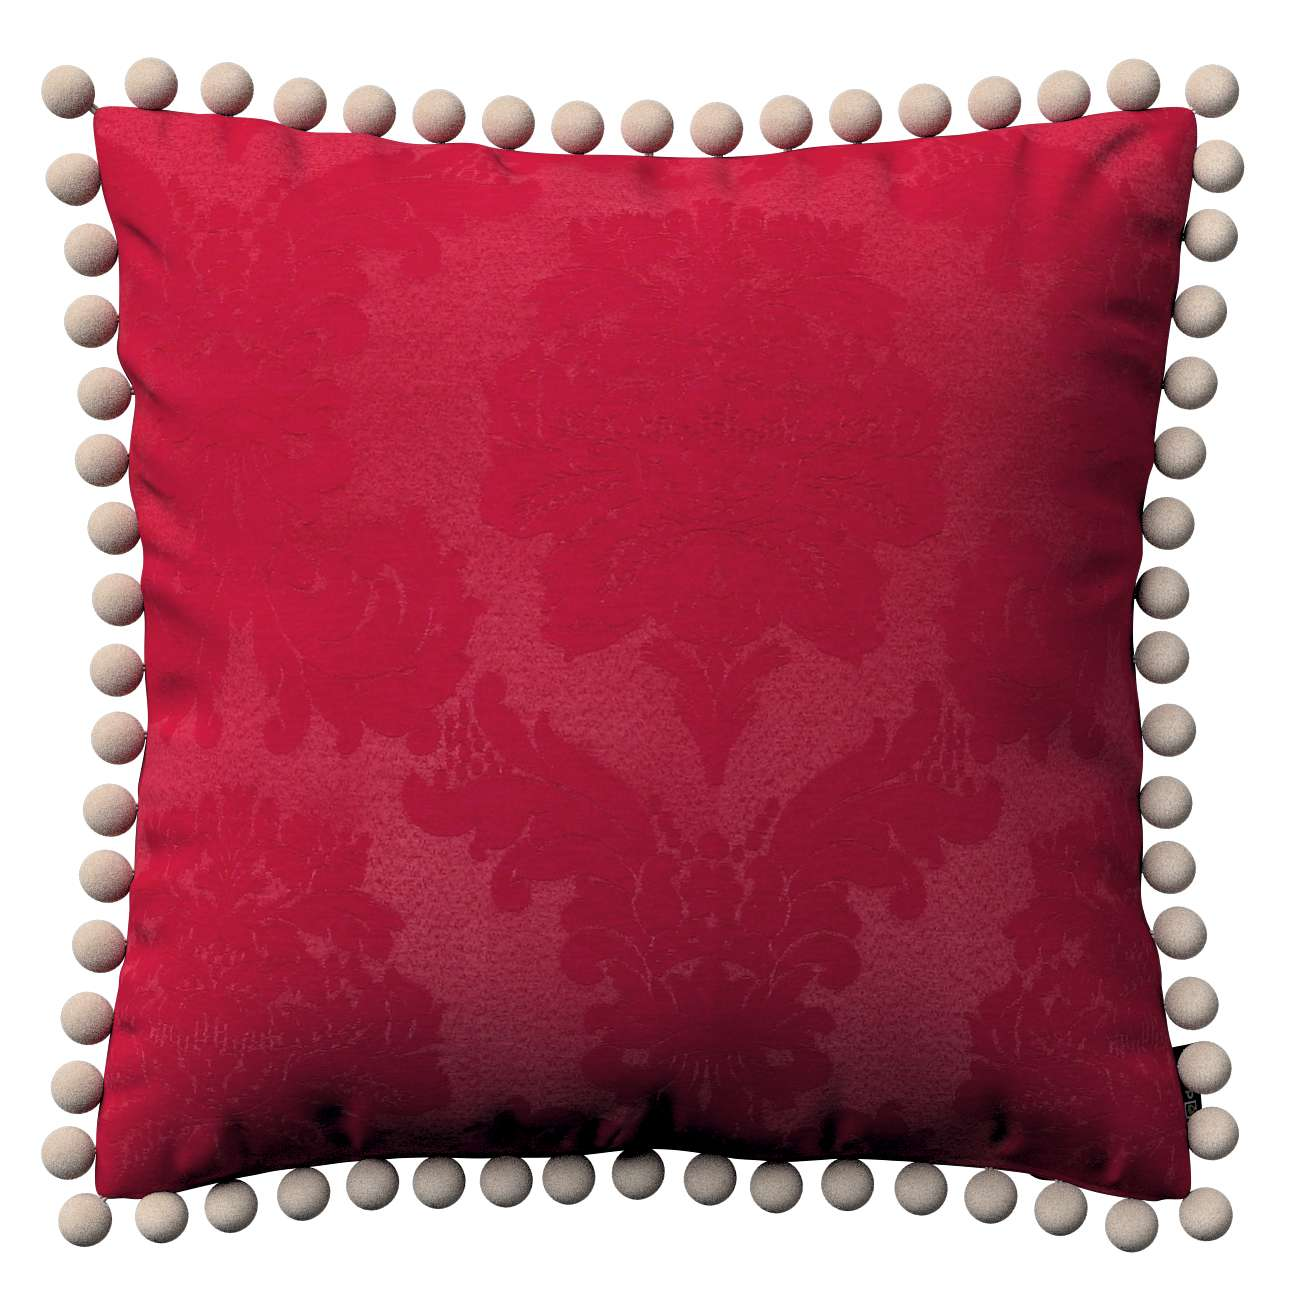 Poszewka Wera na poduszkę 45 x 45 cm w kolekcji Damasco, tkanina: 613-13